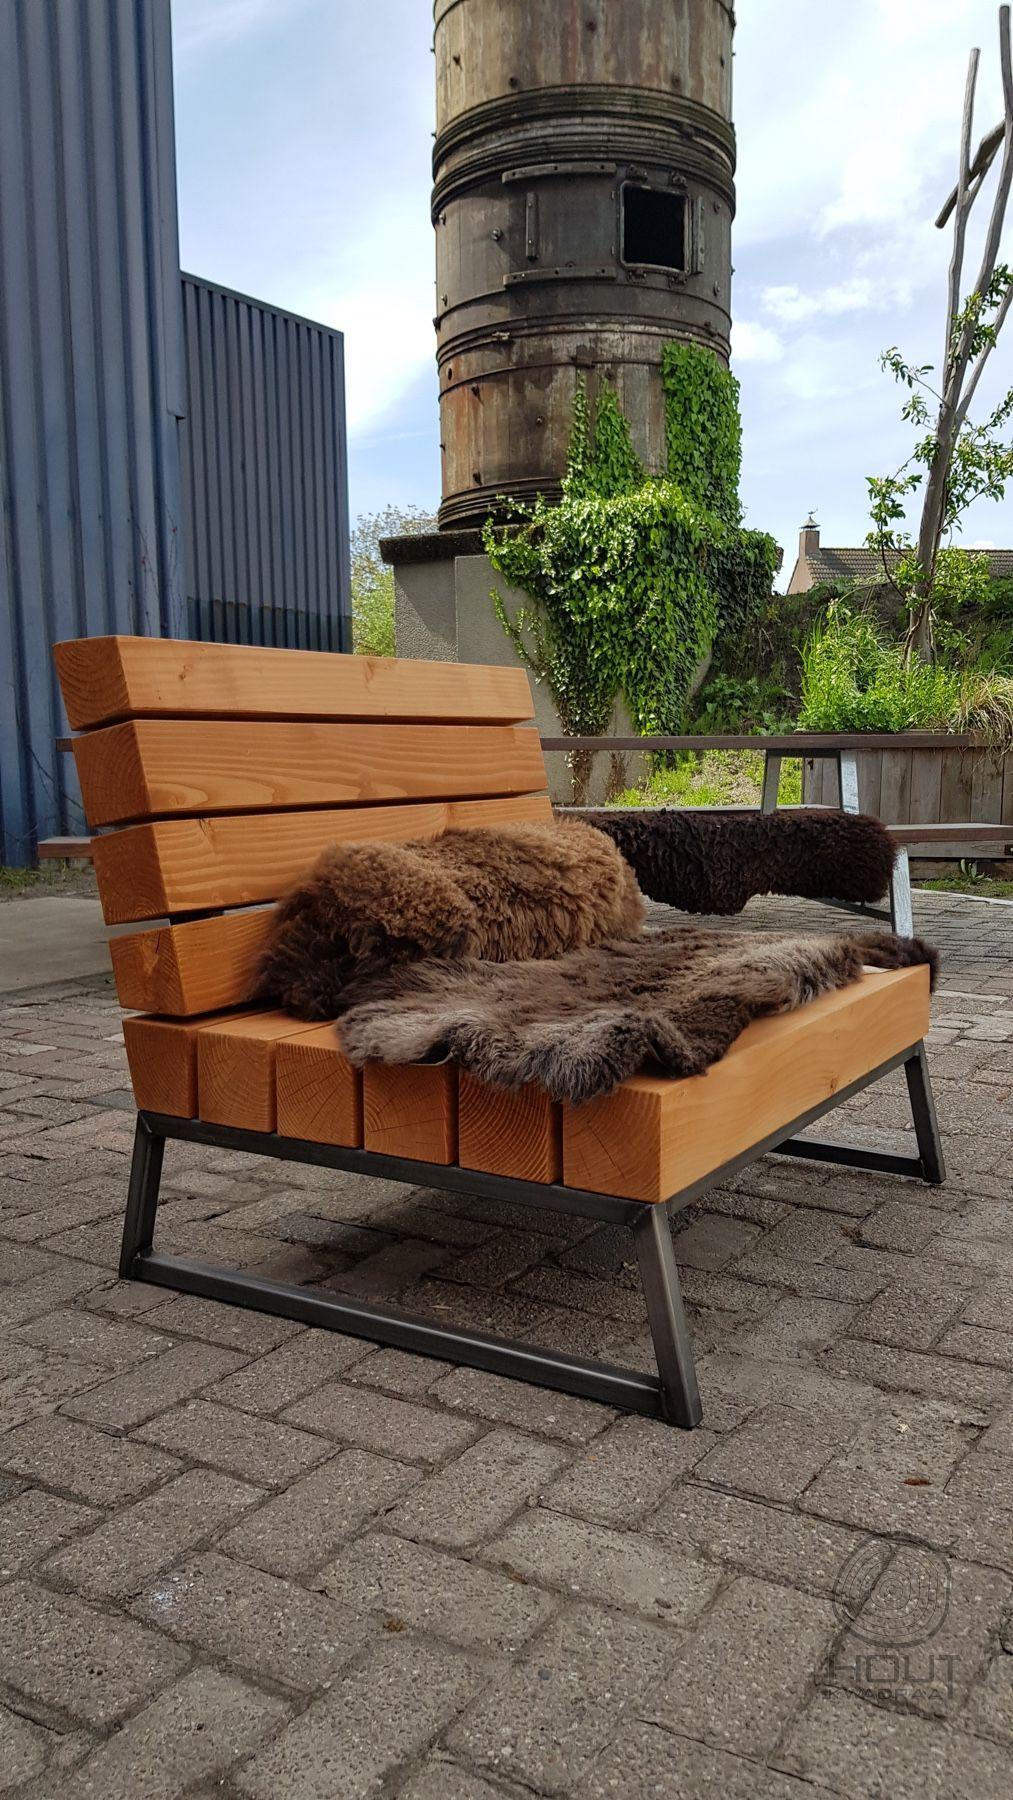 Houten Lounge Stoel Buiten.Lounge Stoel In 2019 Loungestoel Tuin En Tuin Loungeset